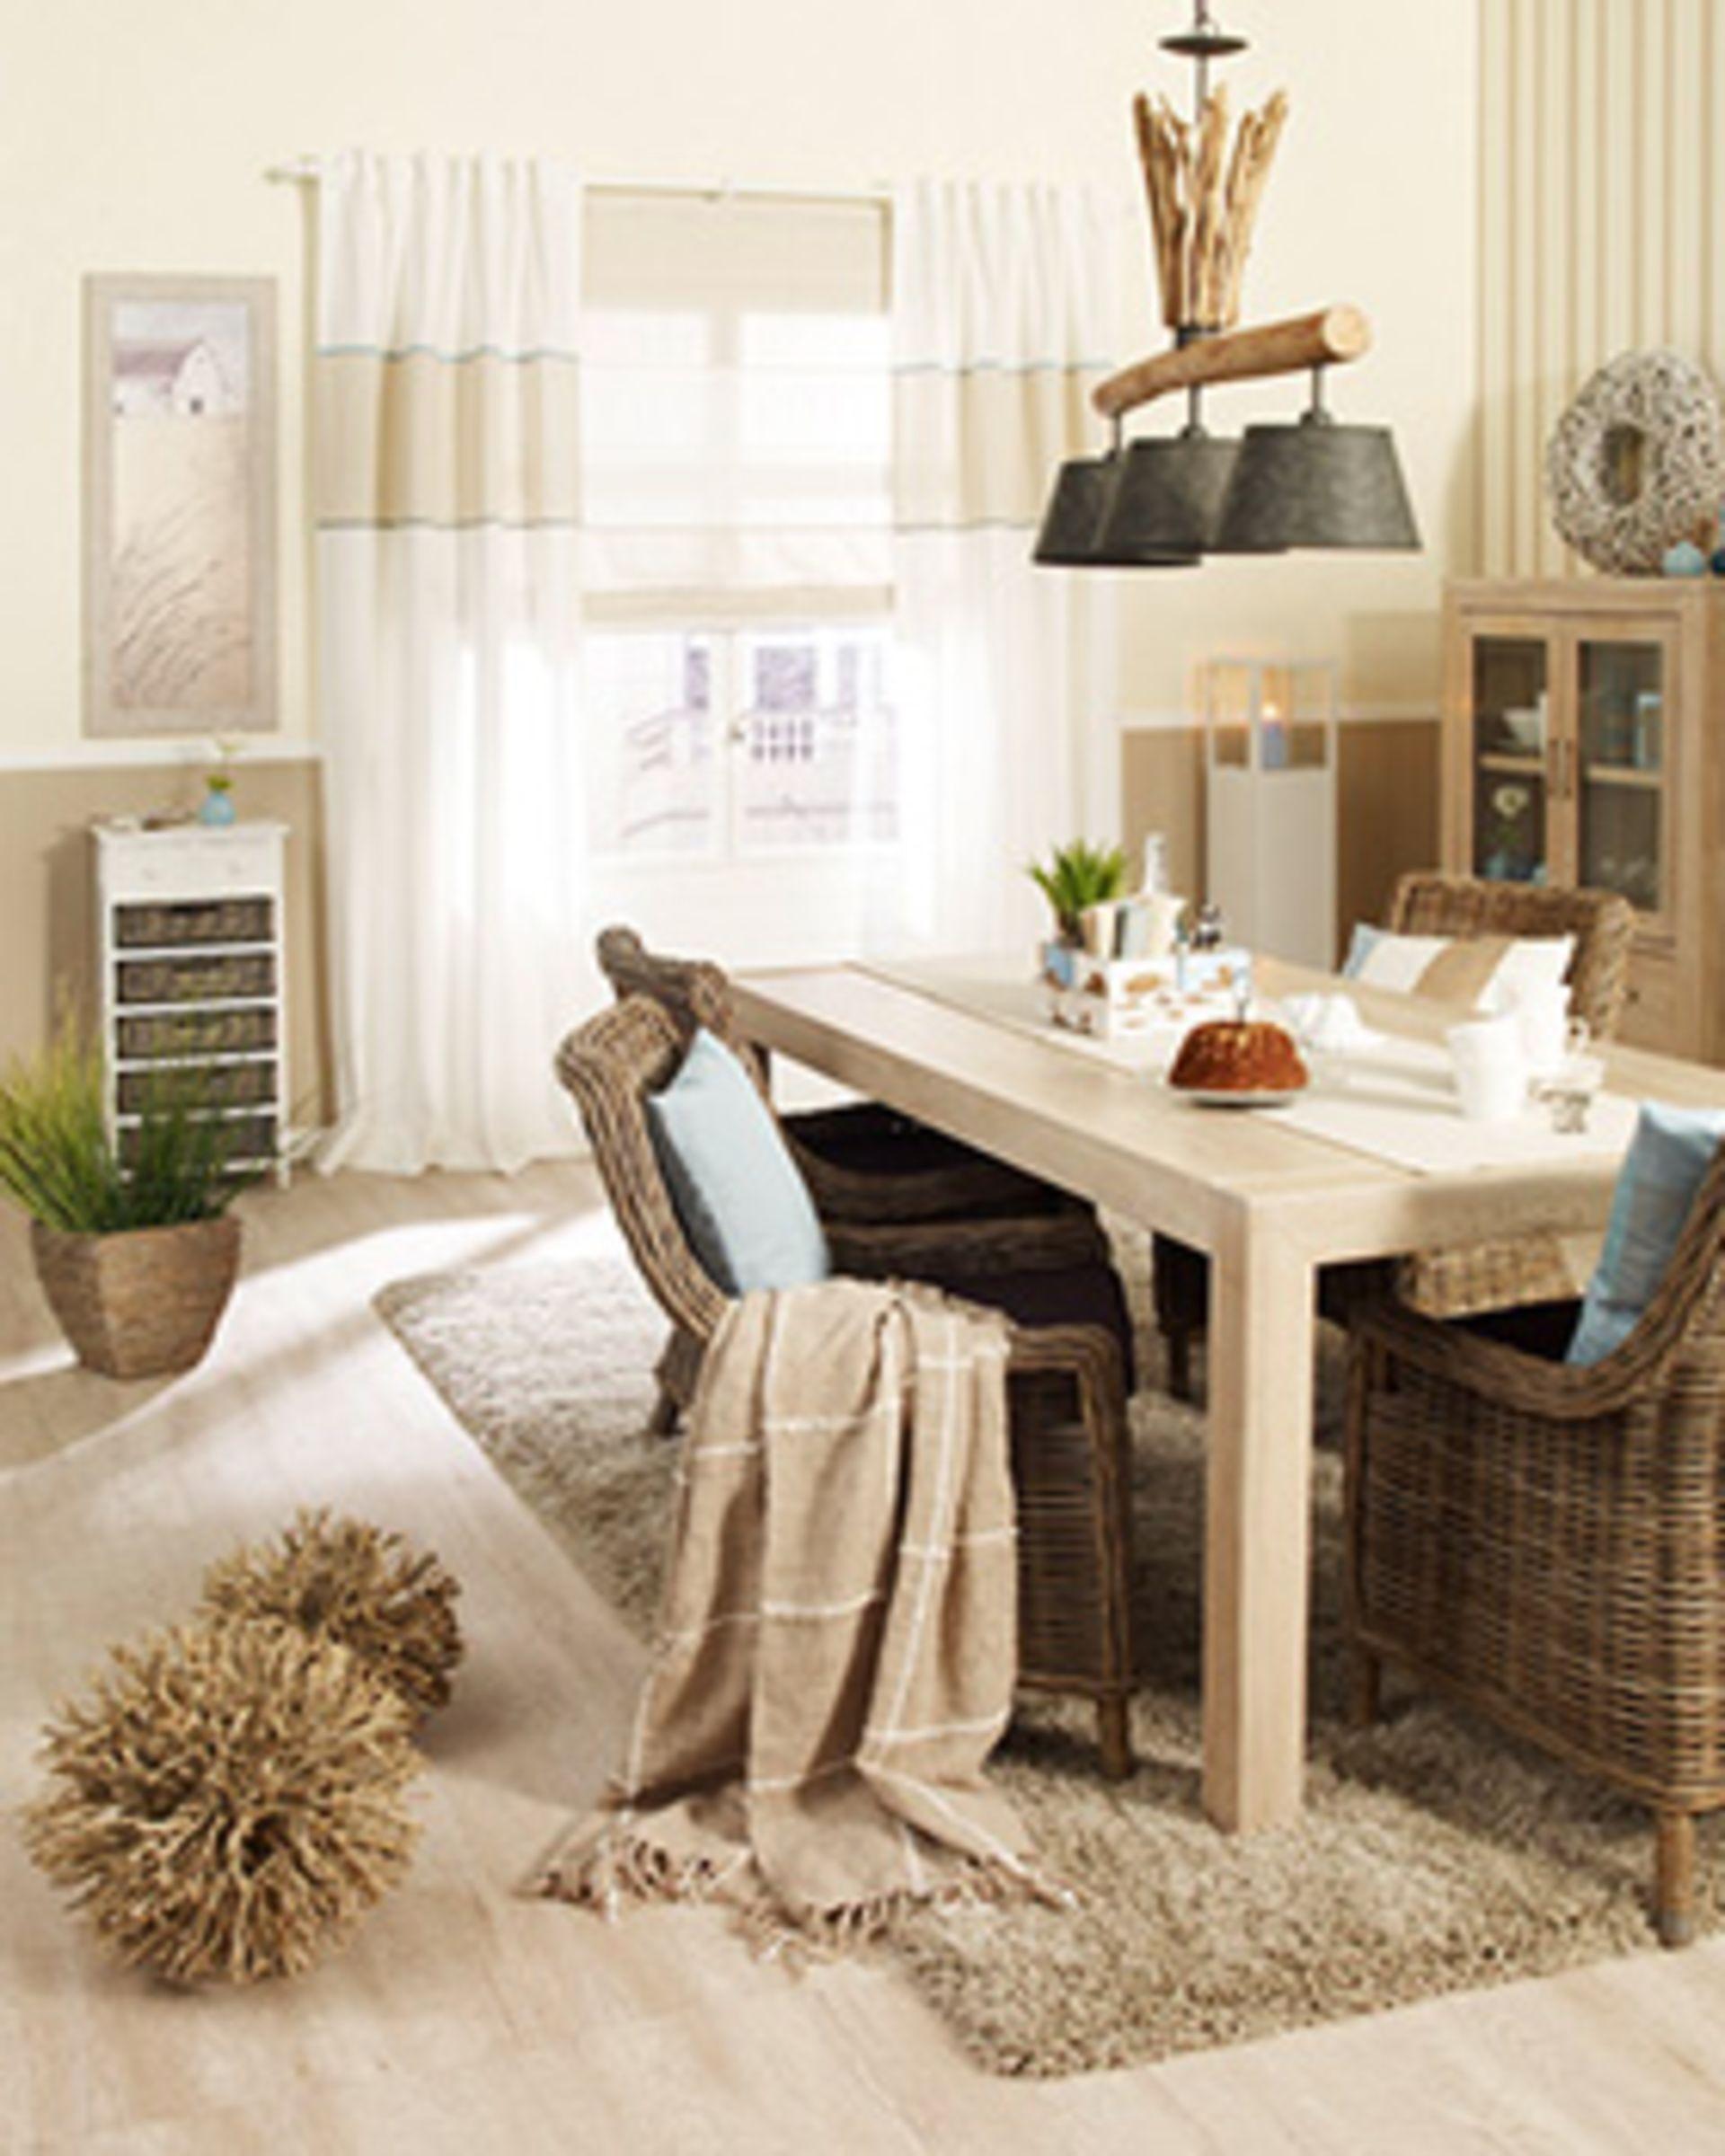 Ein Esszimmer aus der Wohnwelt Long Island | Strandhaus | Pinterest ...